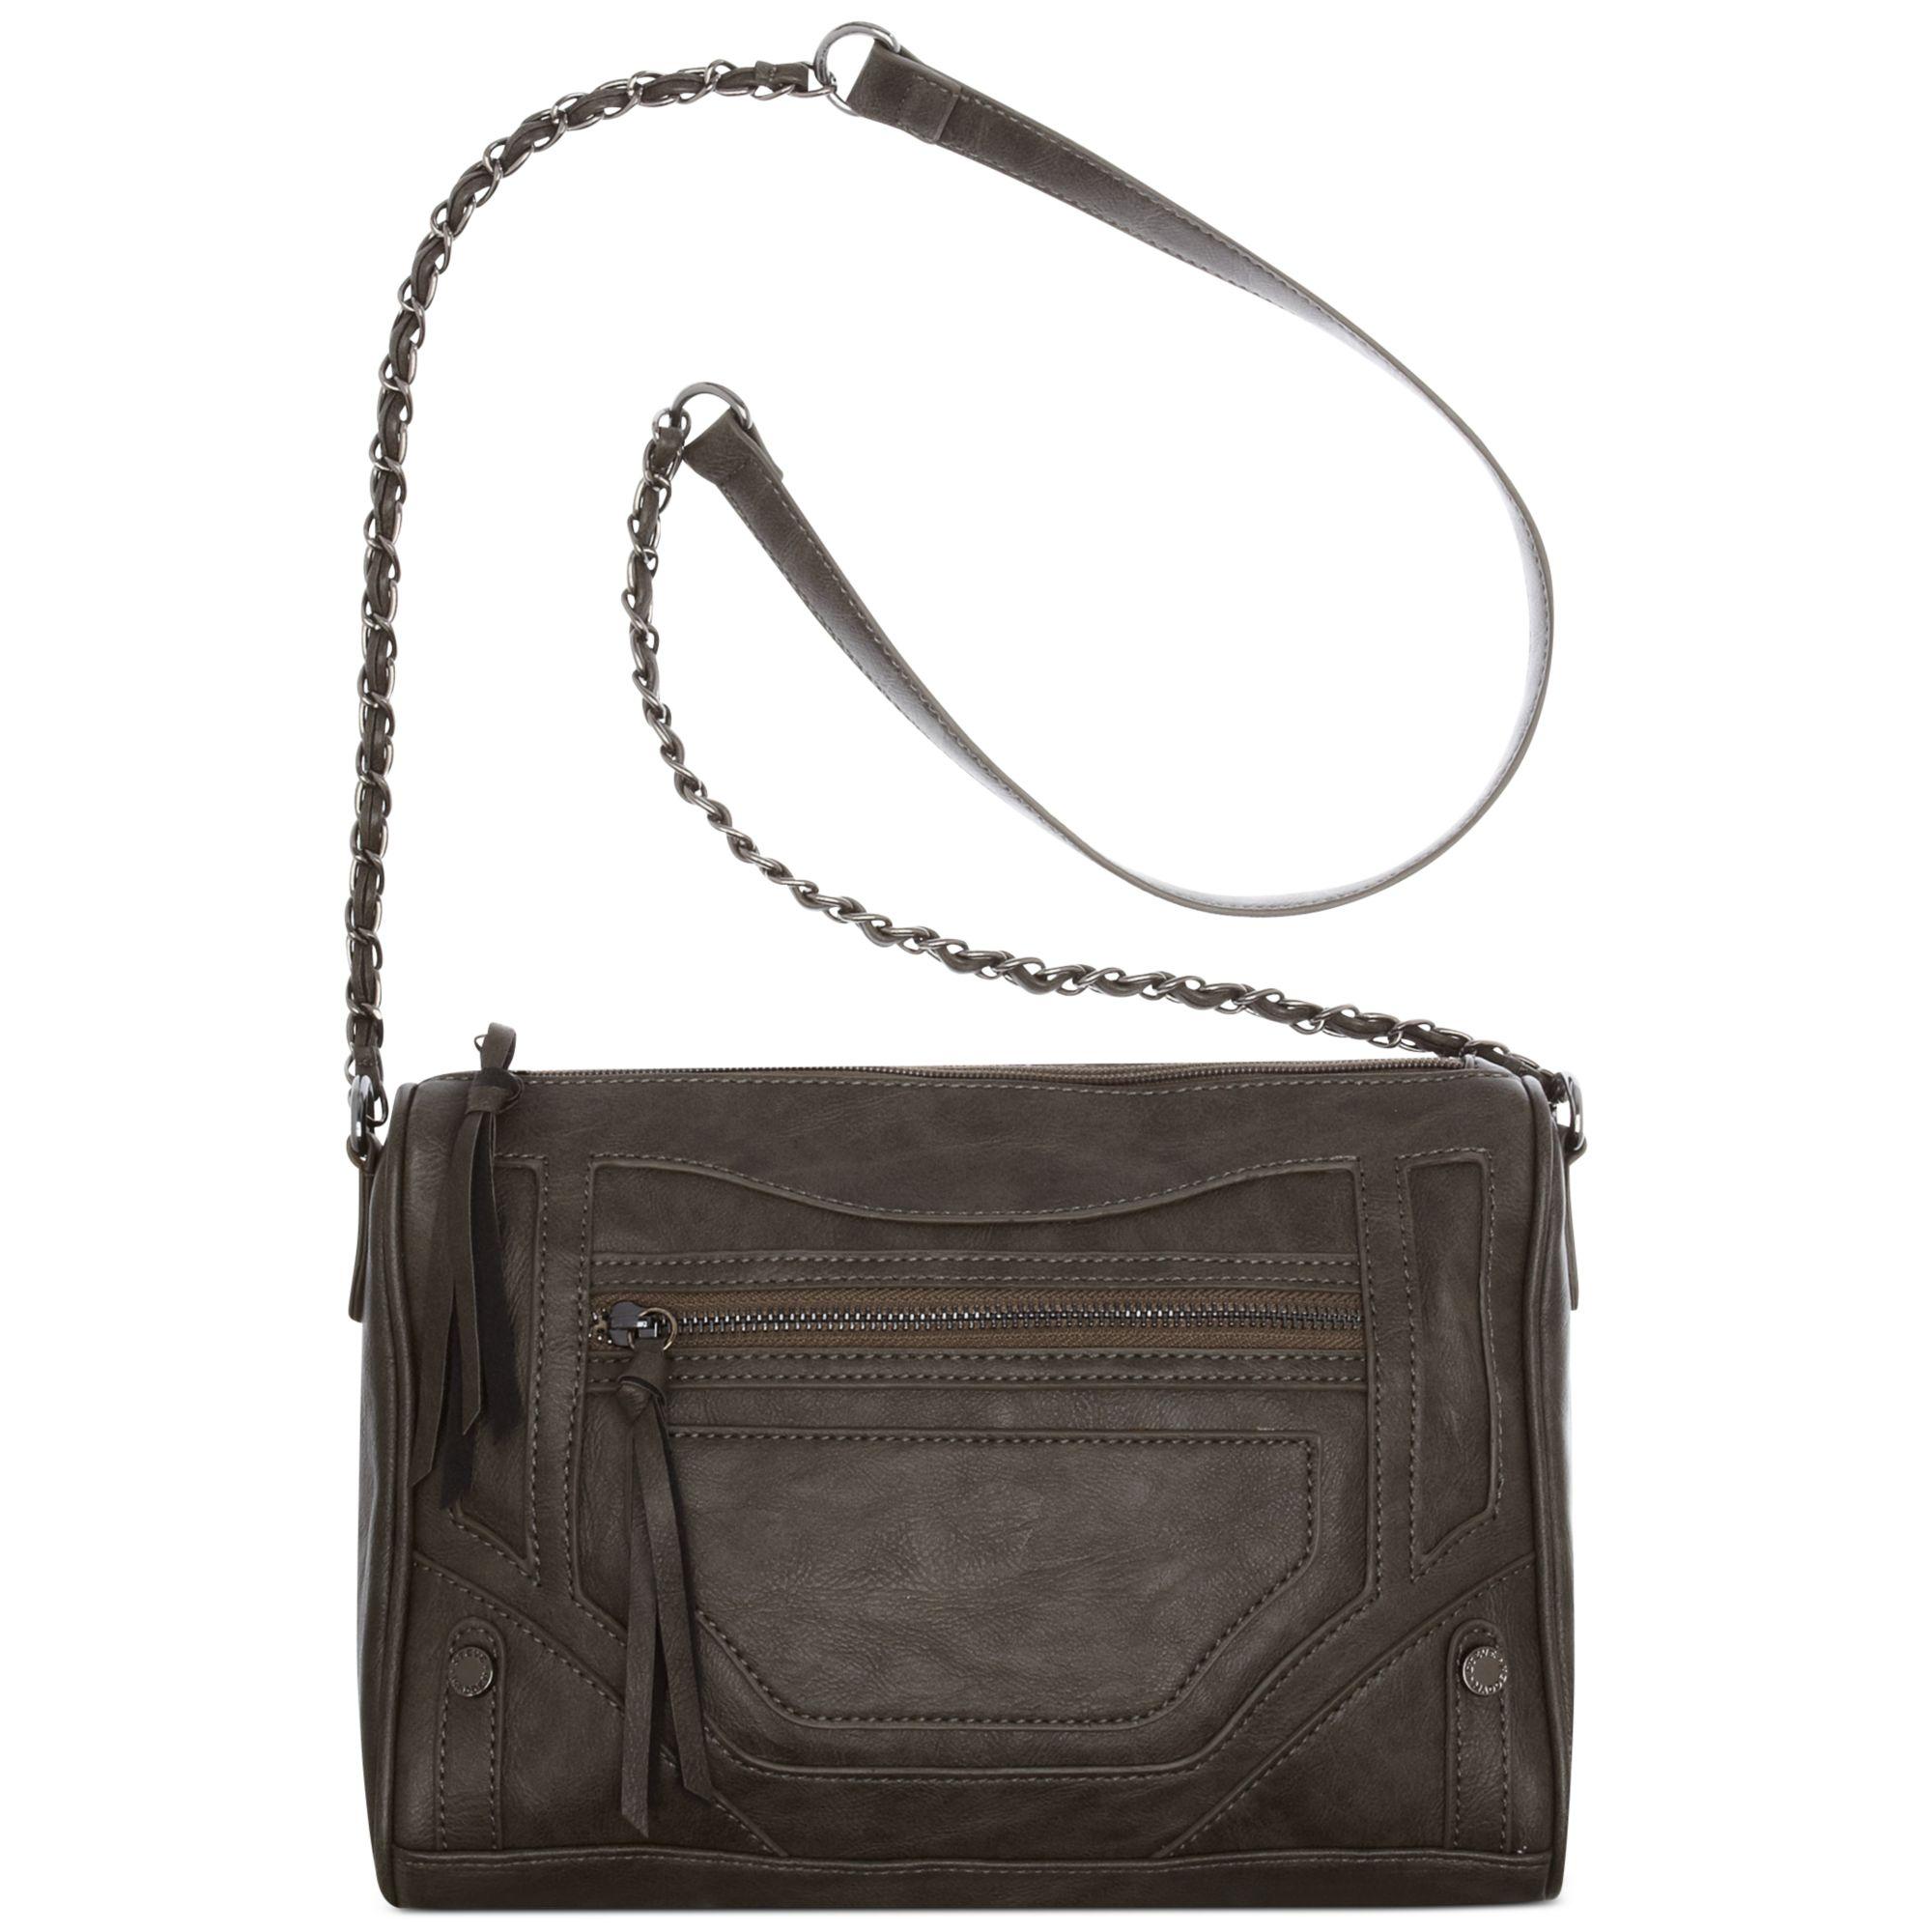 f376e17e87e5c Lyst - Steve Madden Steve Madden Handbag Bkenzy Crossbody in Gray